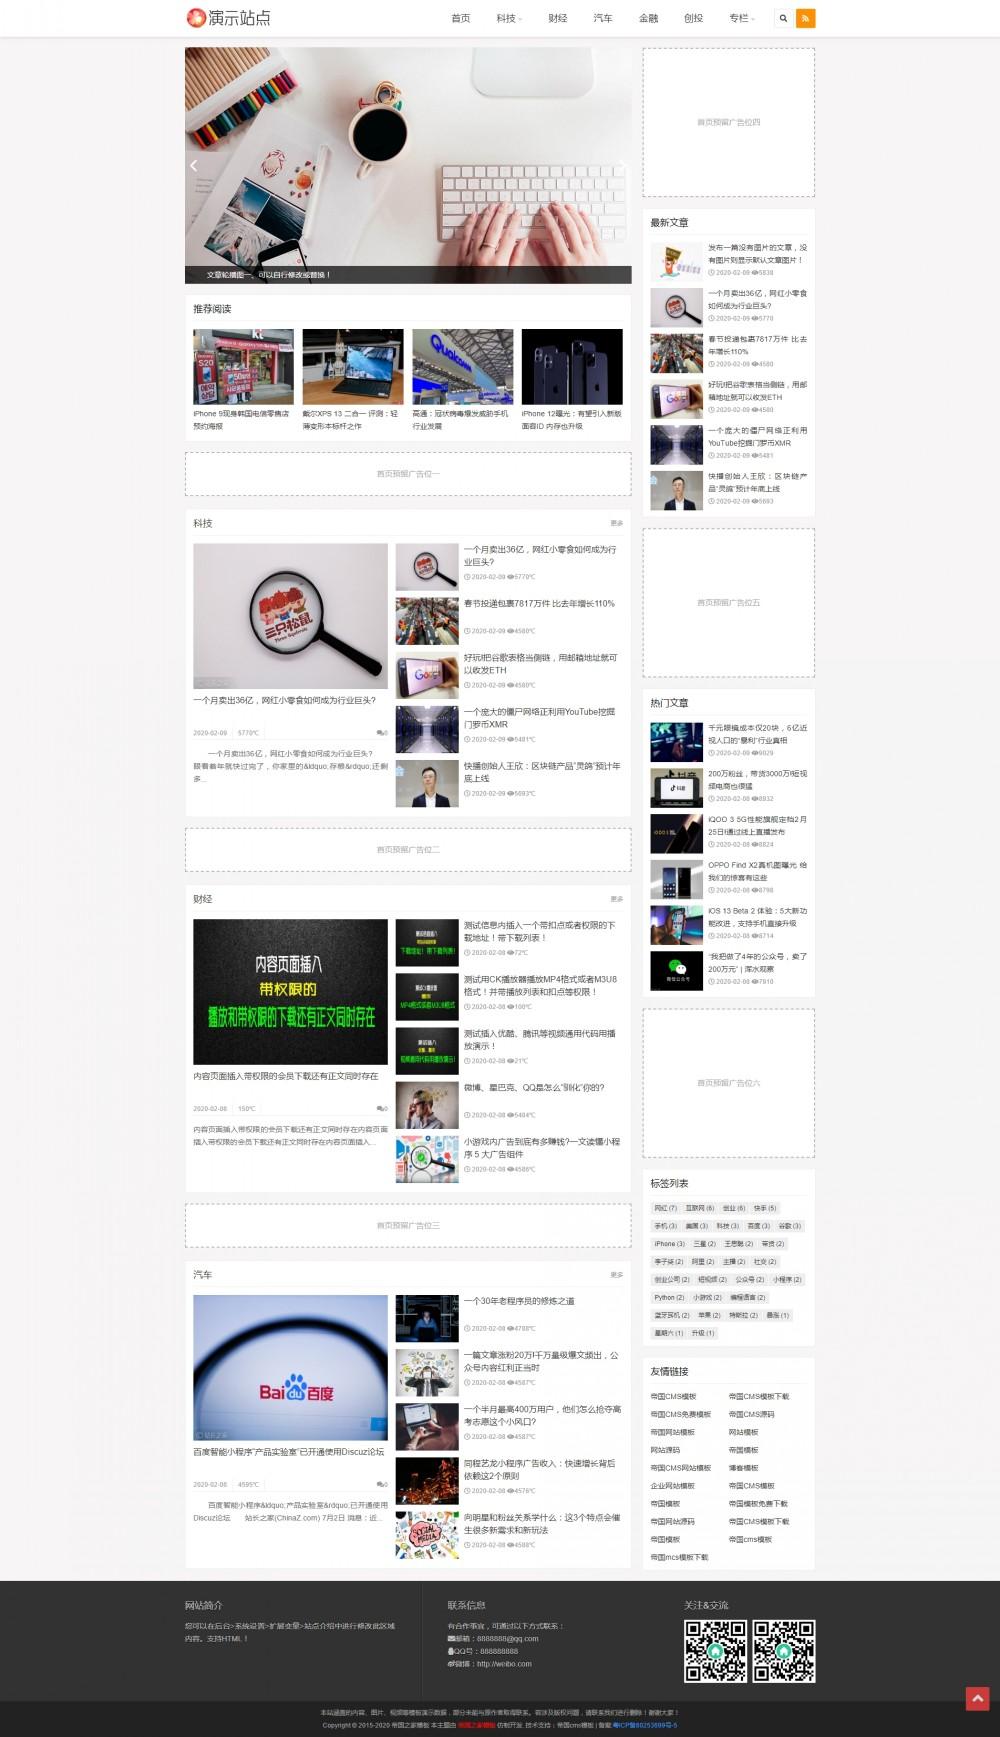 1网站首页.jpg [DG-0209]大气响应式新闻资讯帝国cms模板 自适应文章博客帝国网站模板下载 新闻资讯 第1张